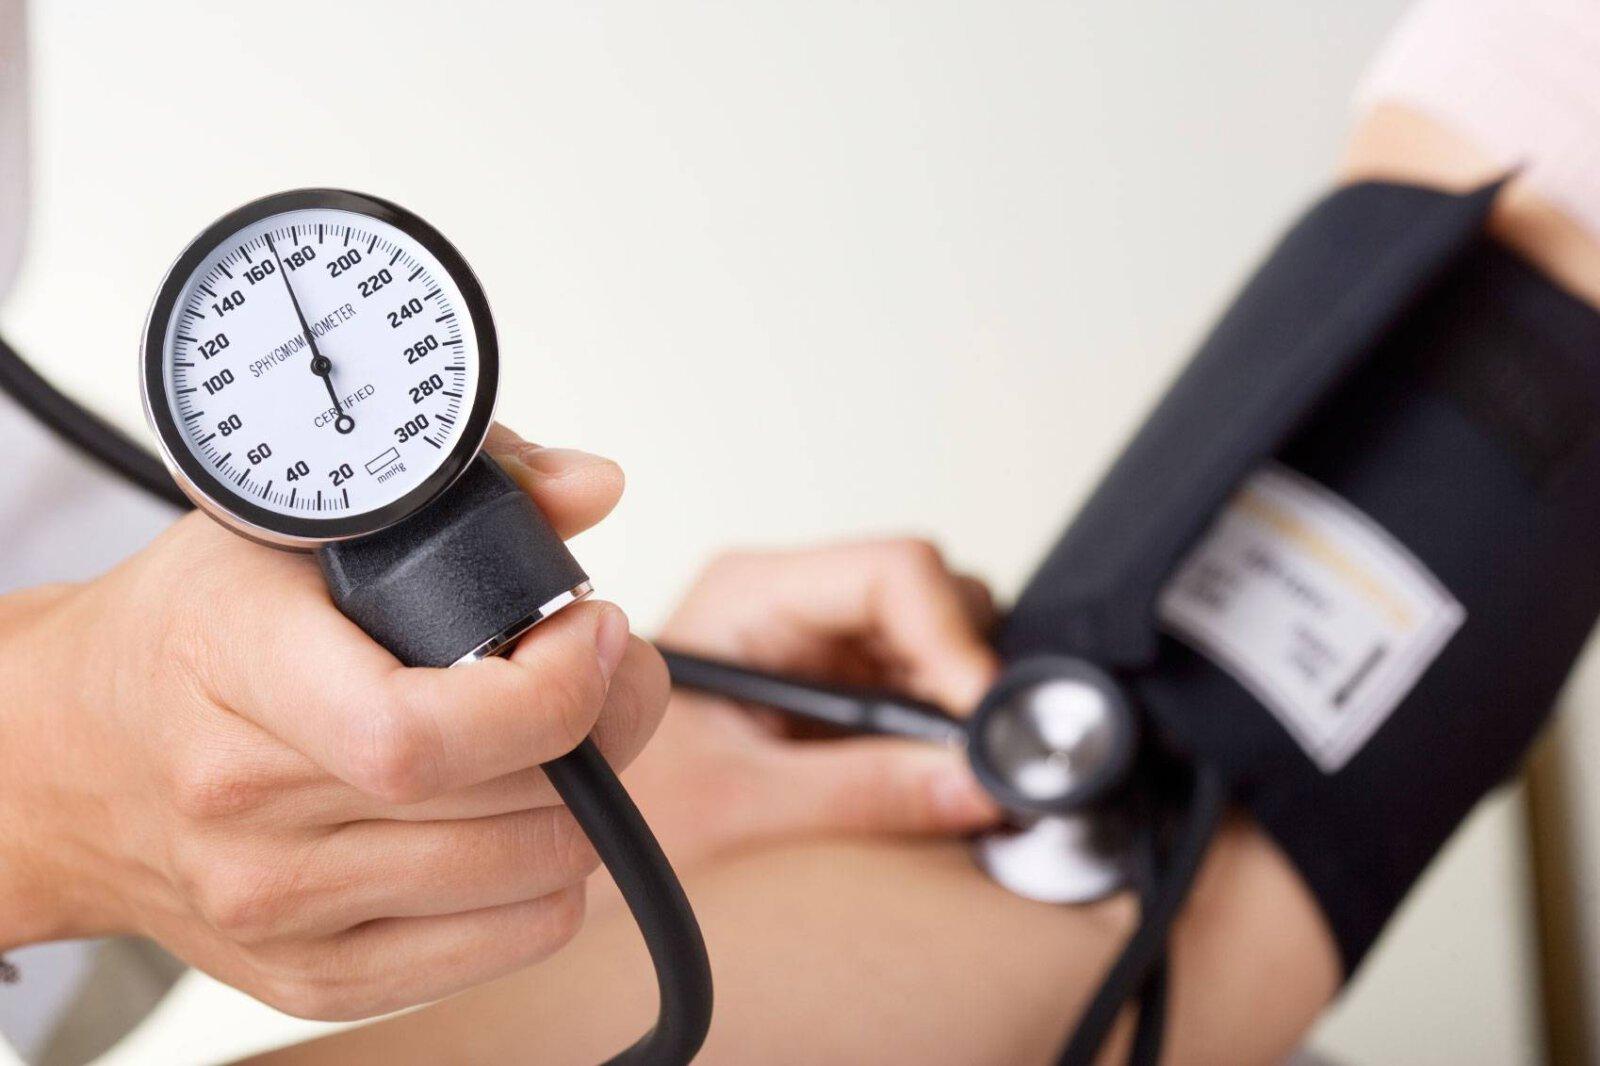 خون بالا - این عادتهای غلط فشار خون شما را نامنظم میکند